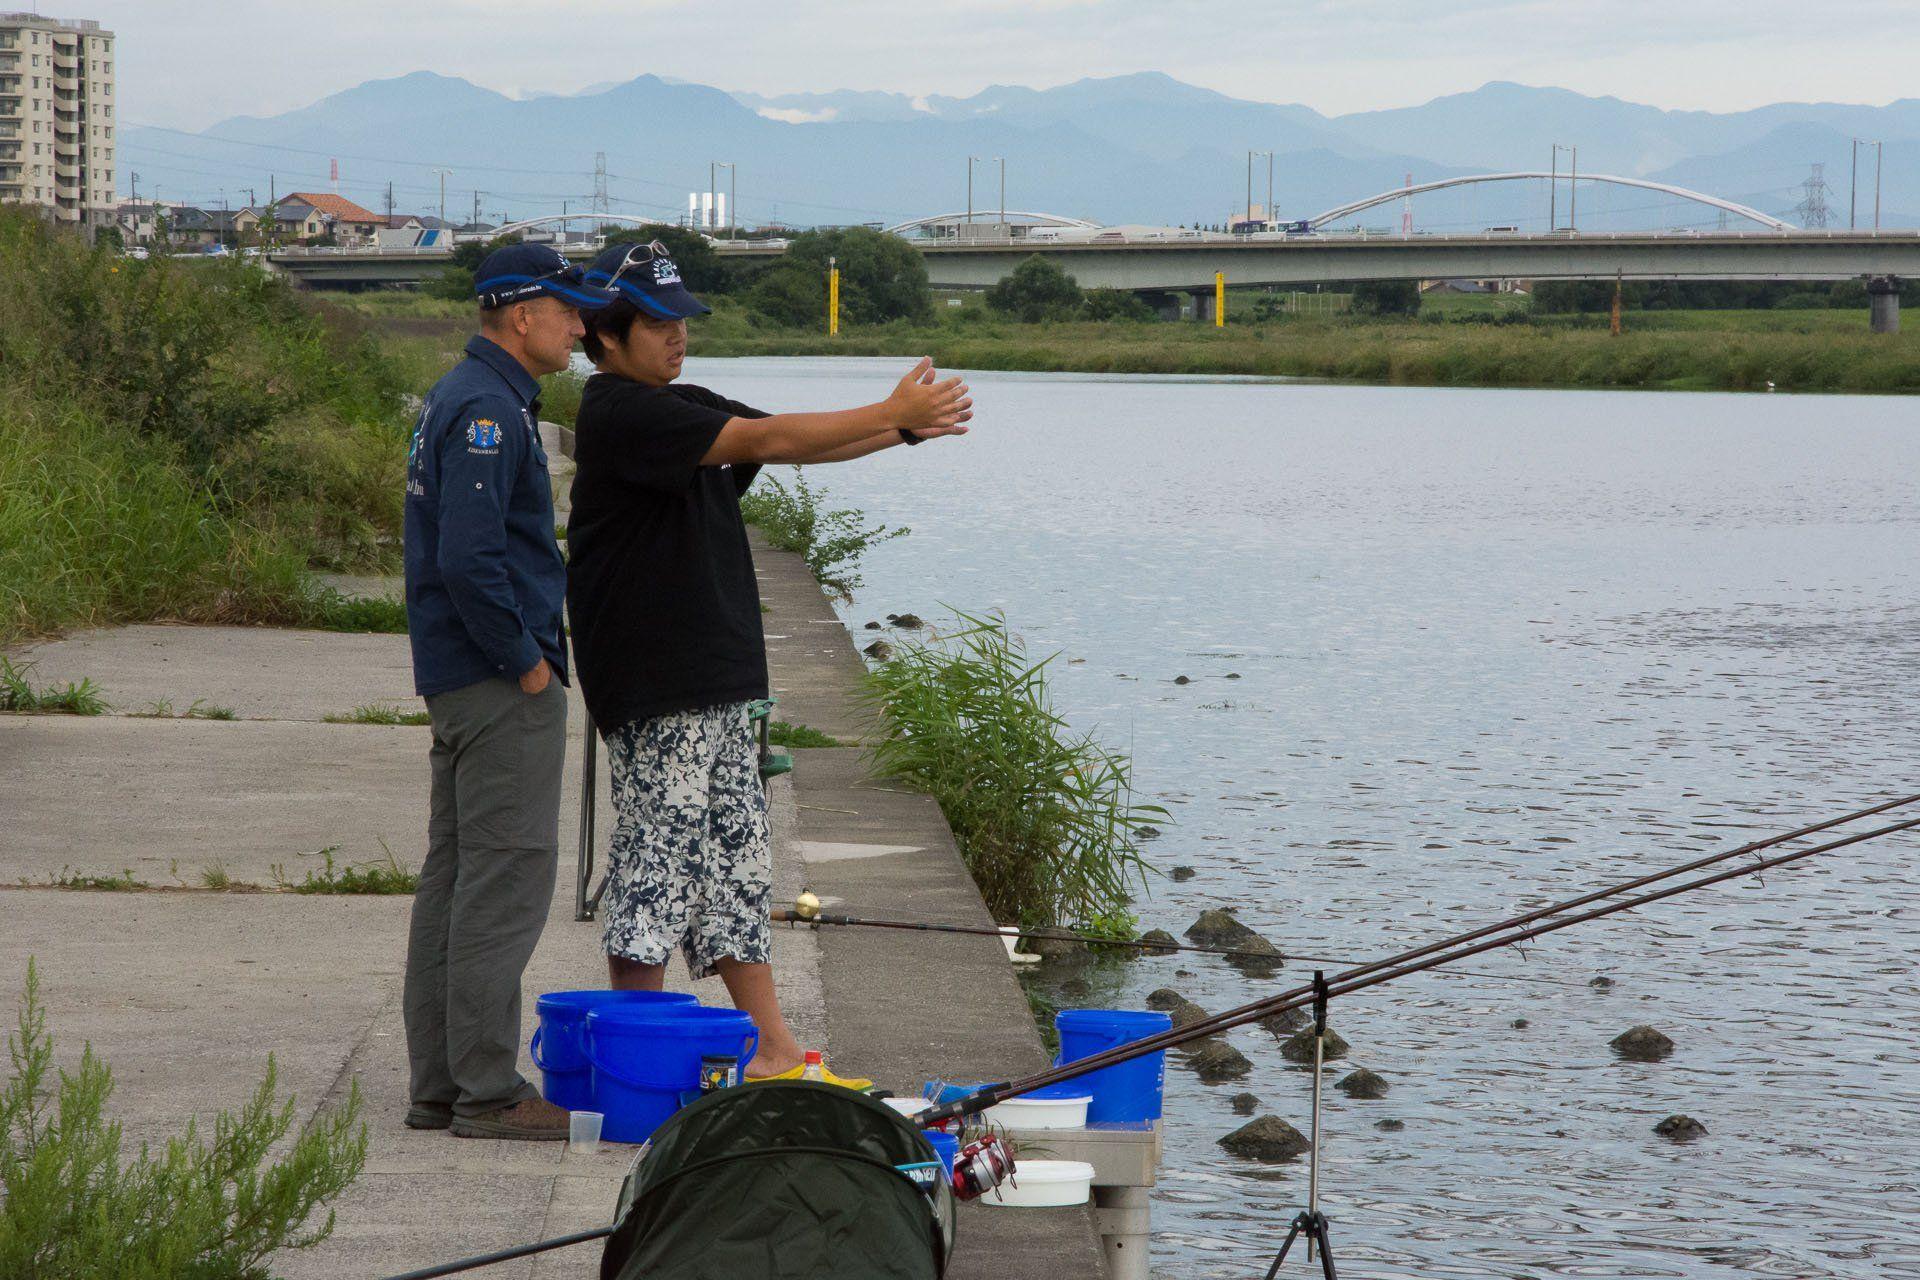 Mire minden a helyére került, már magasan járt a nap, és látszólag eltűntek a halak. Massa éppen azt magyarázza, hogy szerinte merre vannak, hol kellene próbálkozni